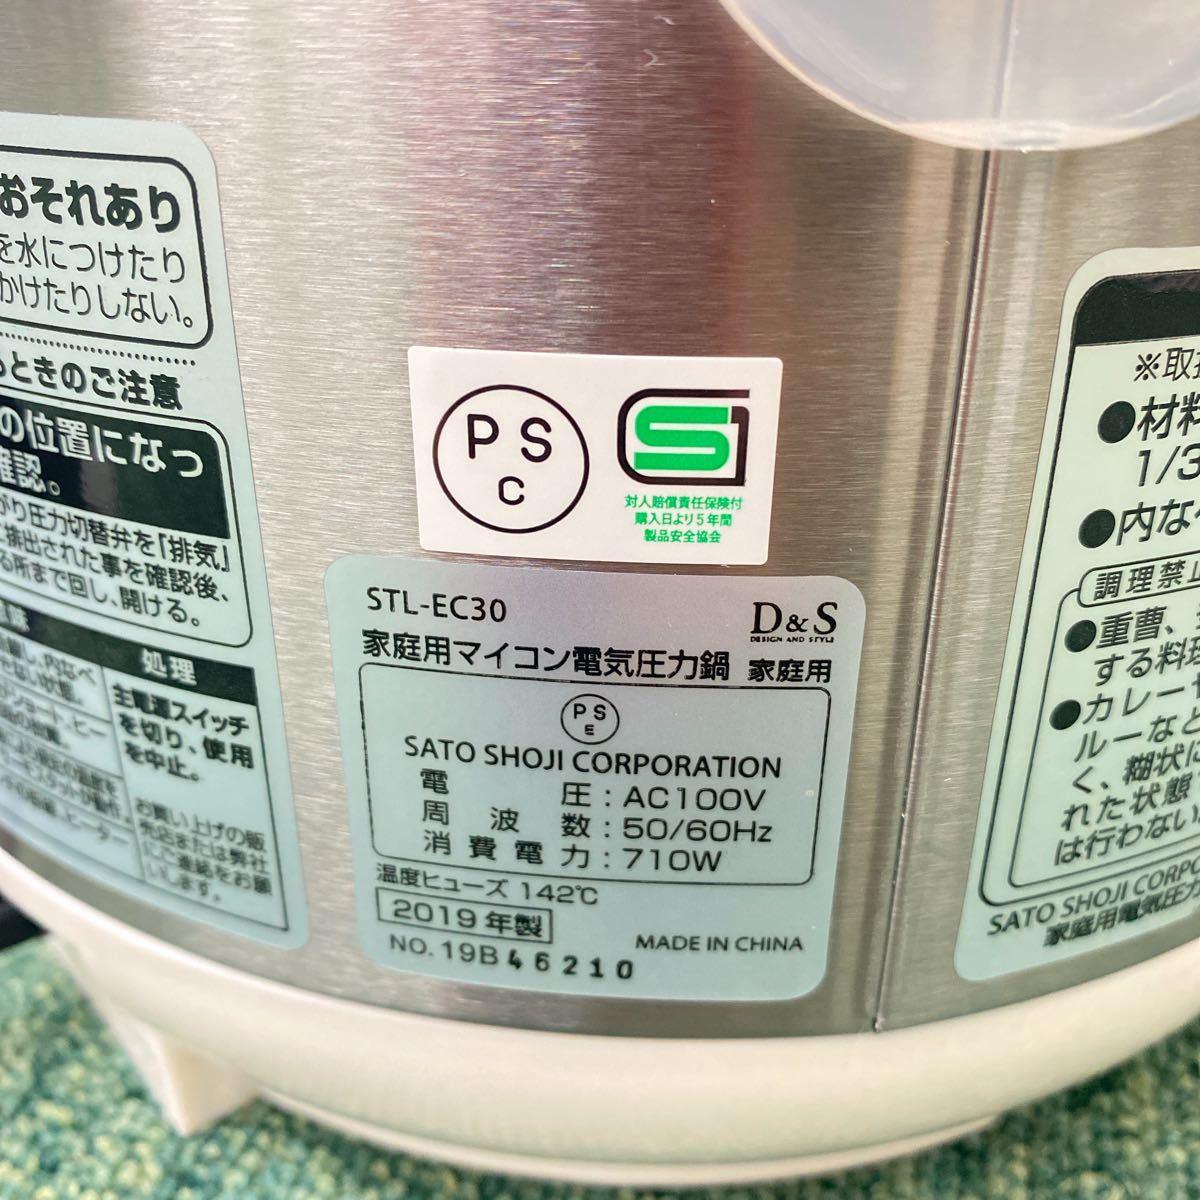 * D&S 家庭用マイコン電気圧力鍋 2019年製*